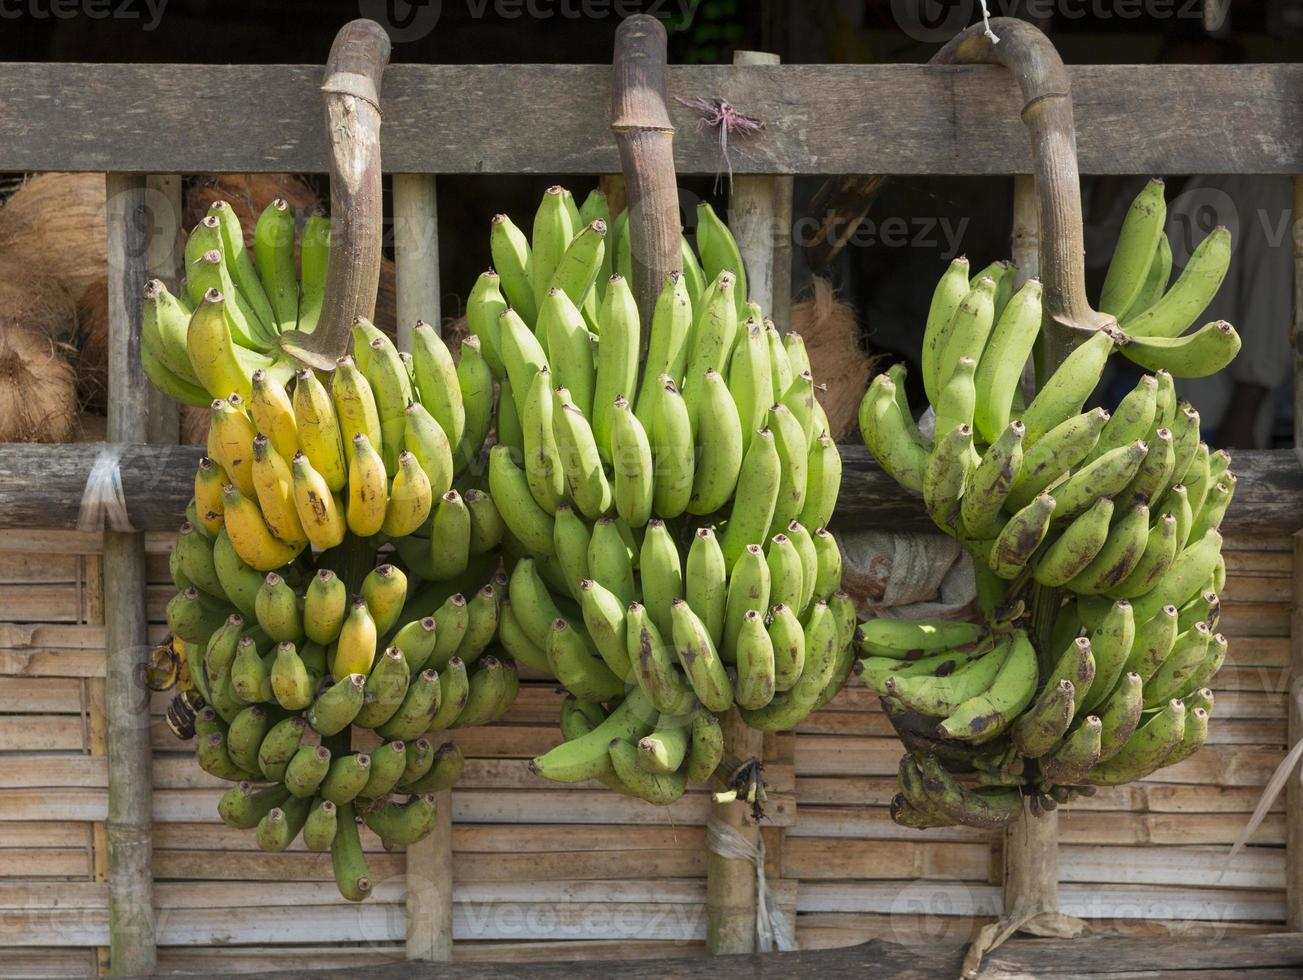 Racimos de banano en el mercado mayorista, Yangon, Myanmar foto